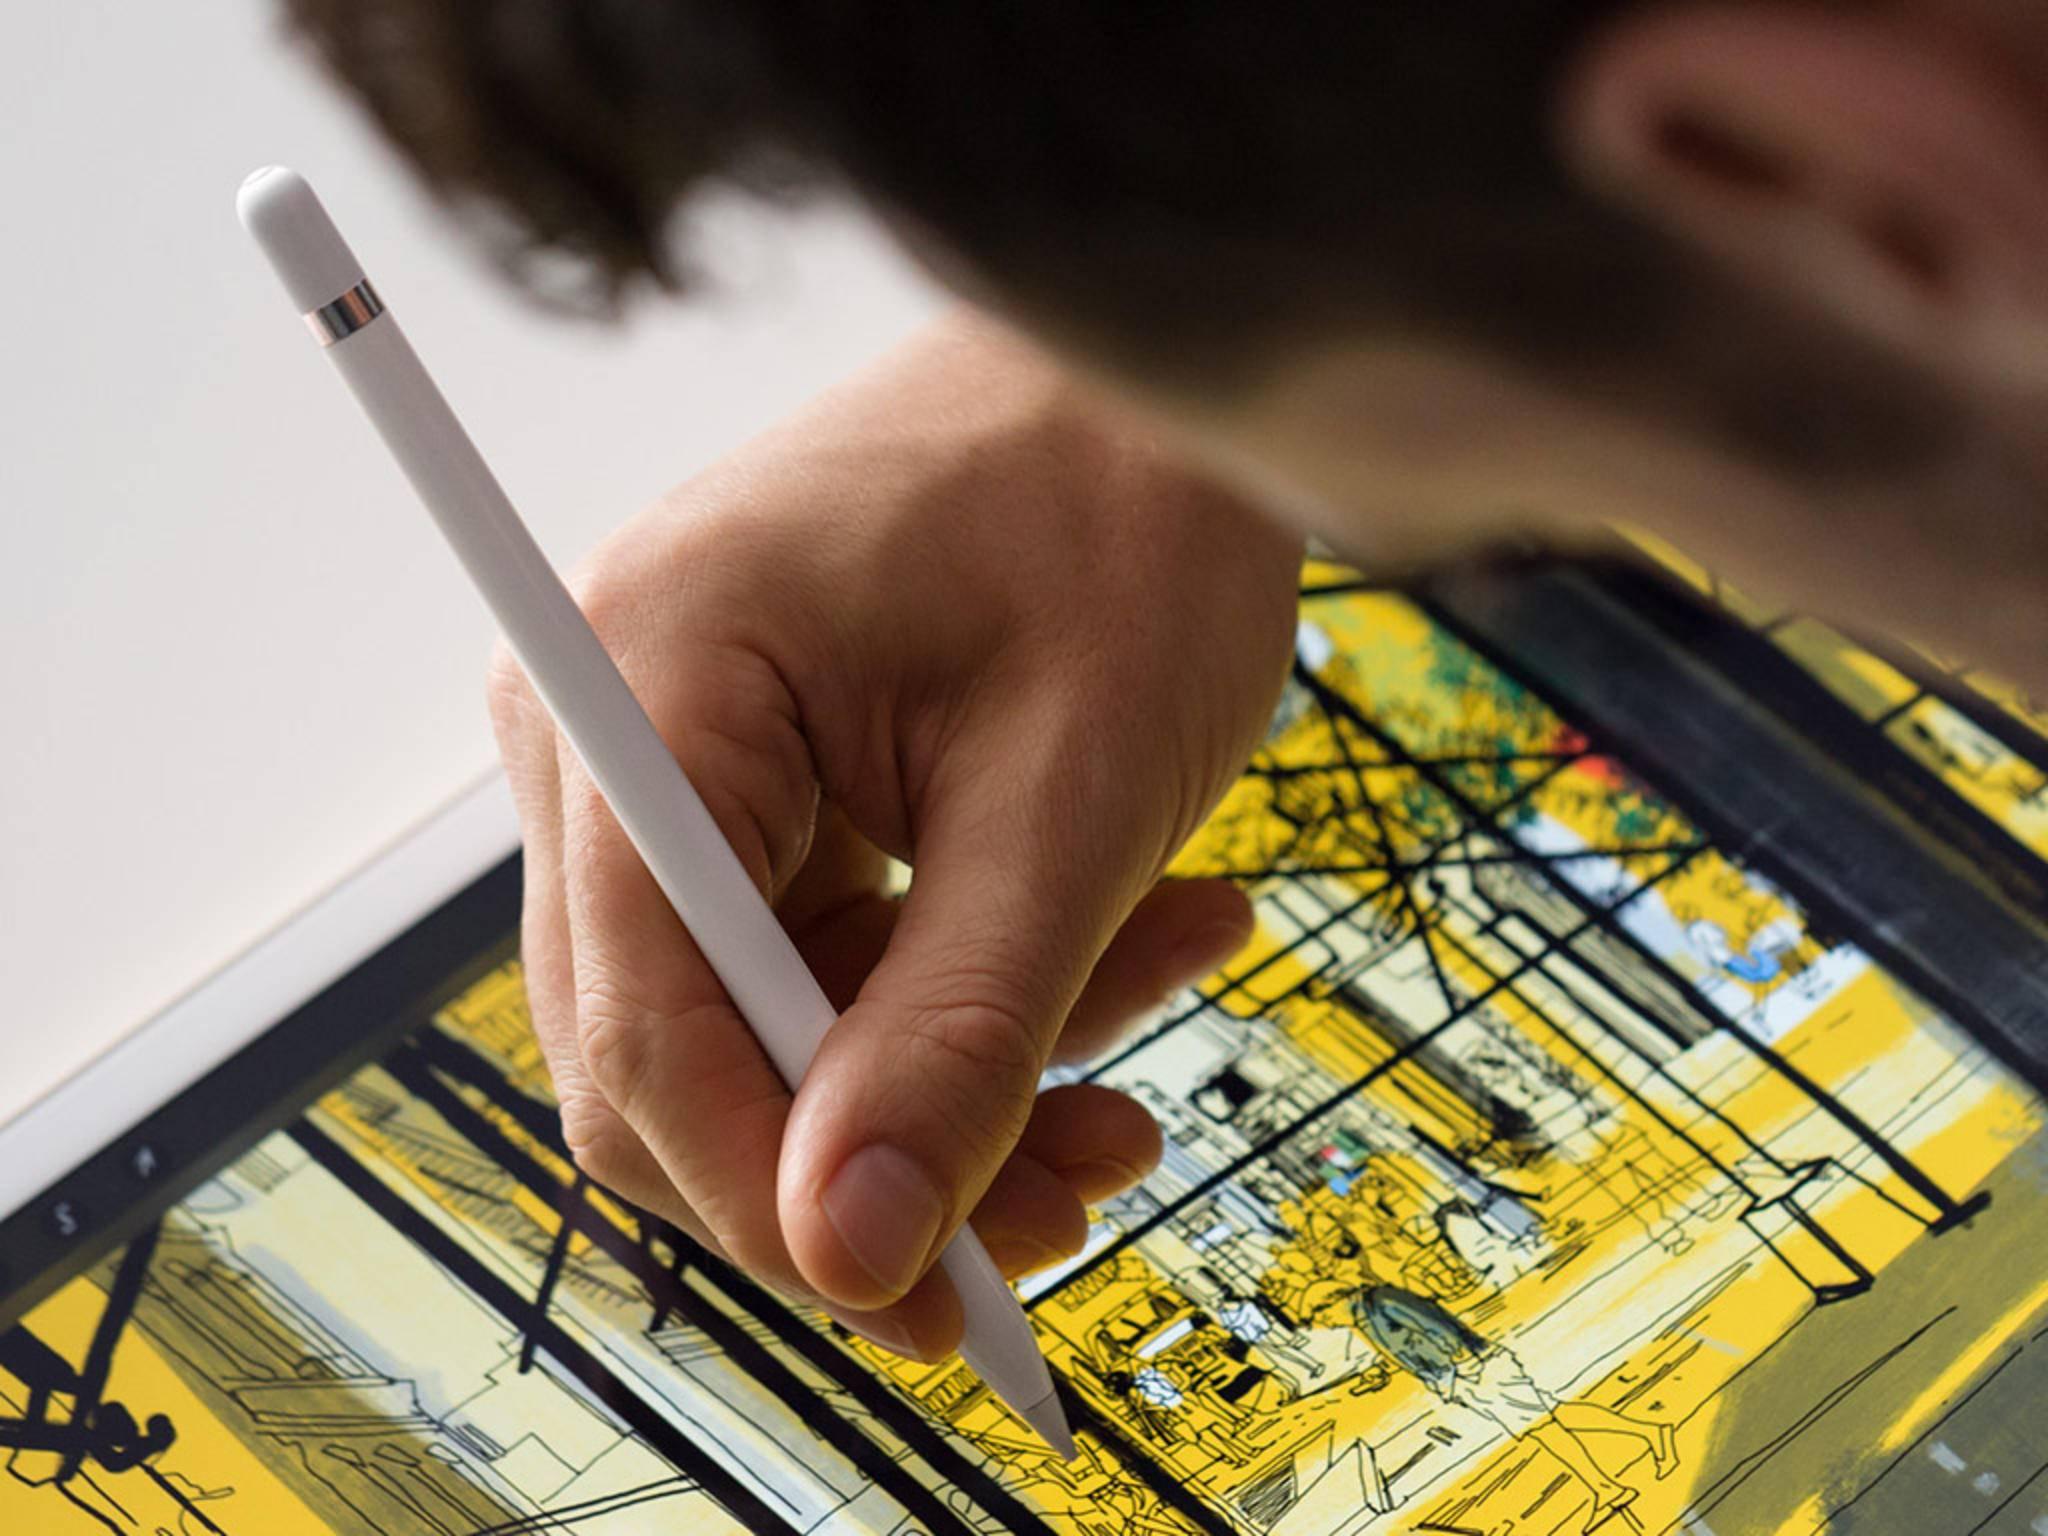 Der Apple Pencil kommt als Zubehör zum iPad Pro.